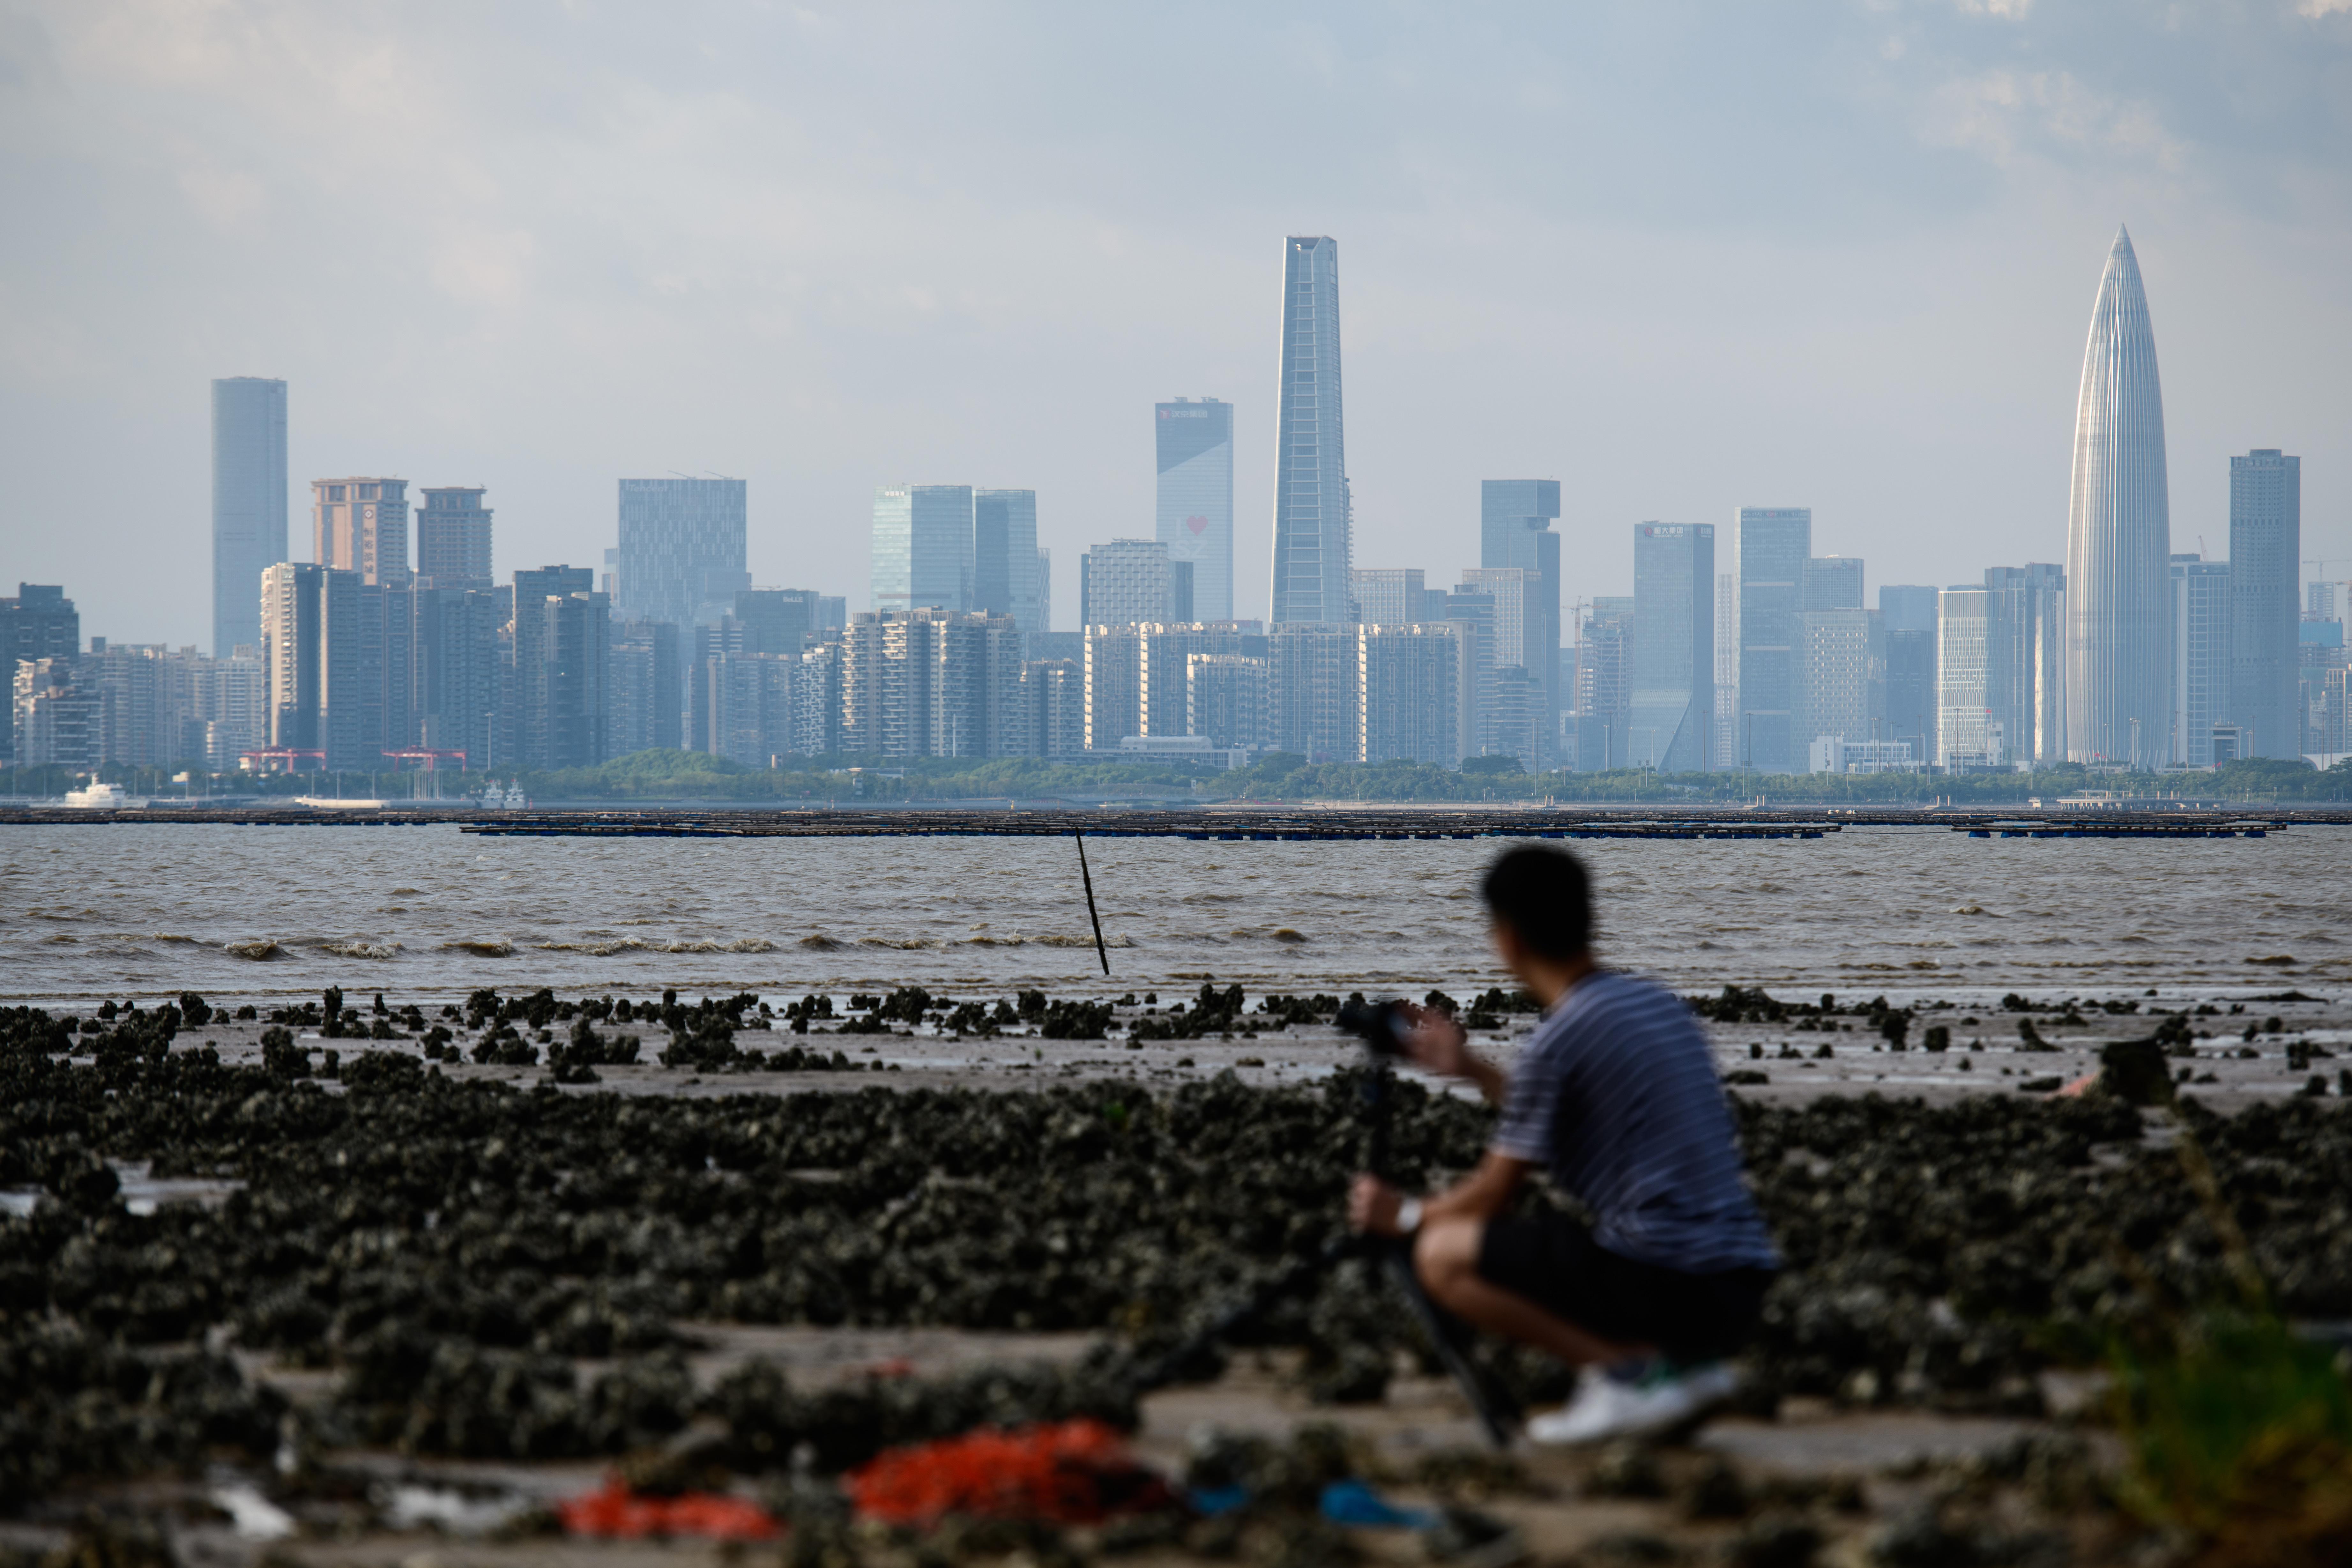 經濟持續疲弱 大灣區企業預計裁員降薪